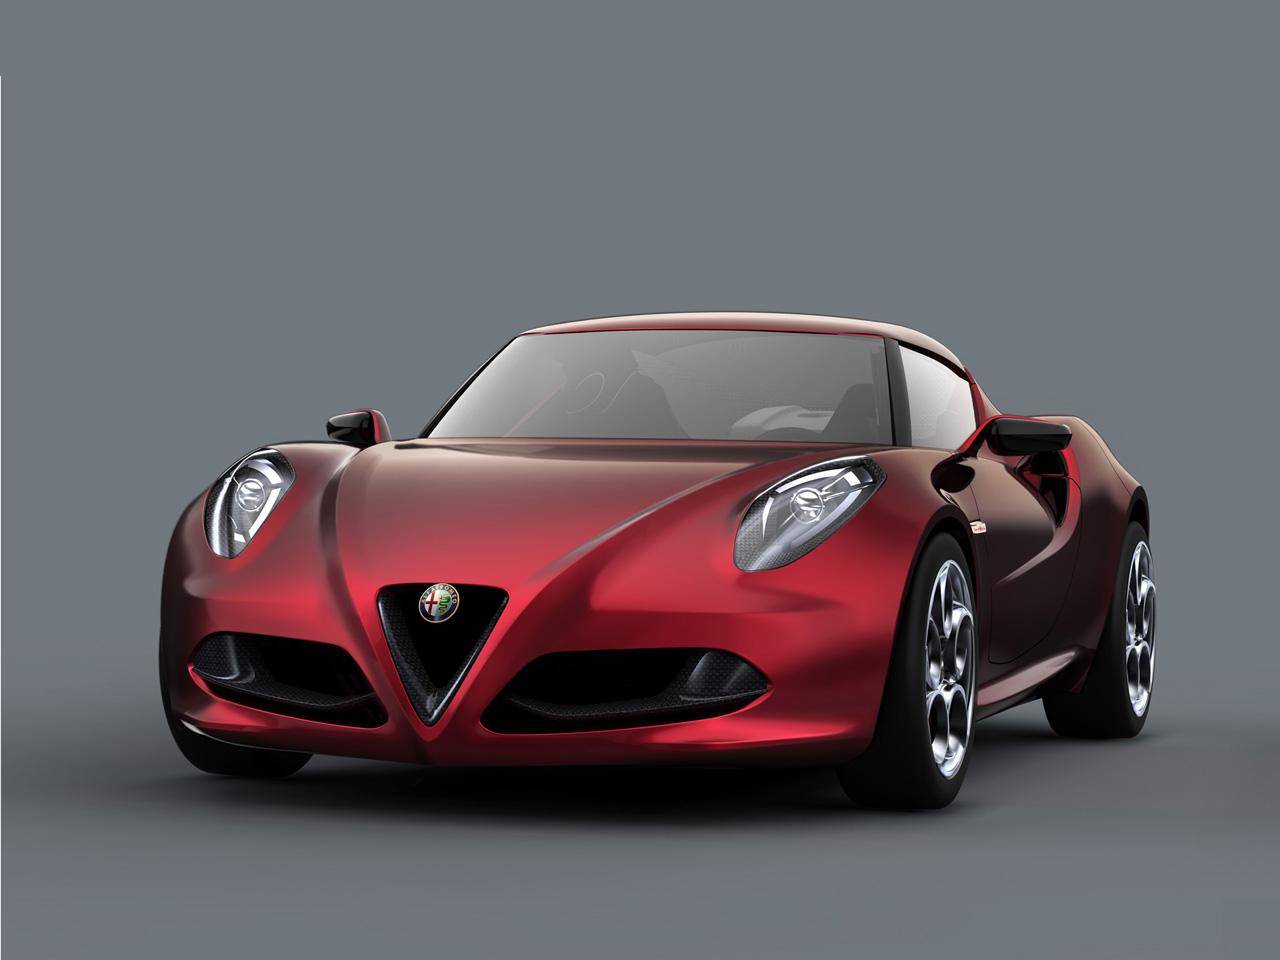 2011 Alfa Romeo 4C Concept 2011-Alfa-Romeo-4C-Concept-Front-Angle-1280x960